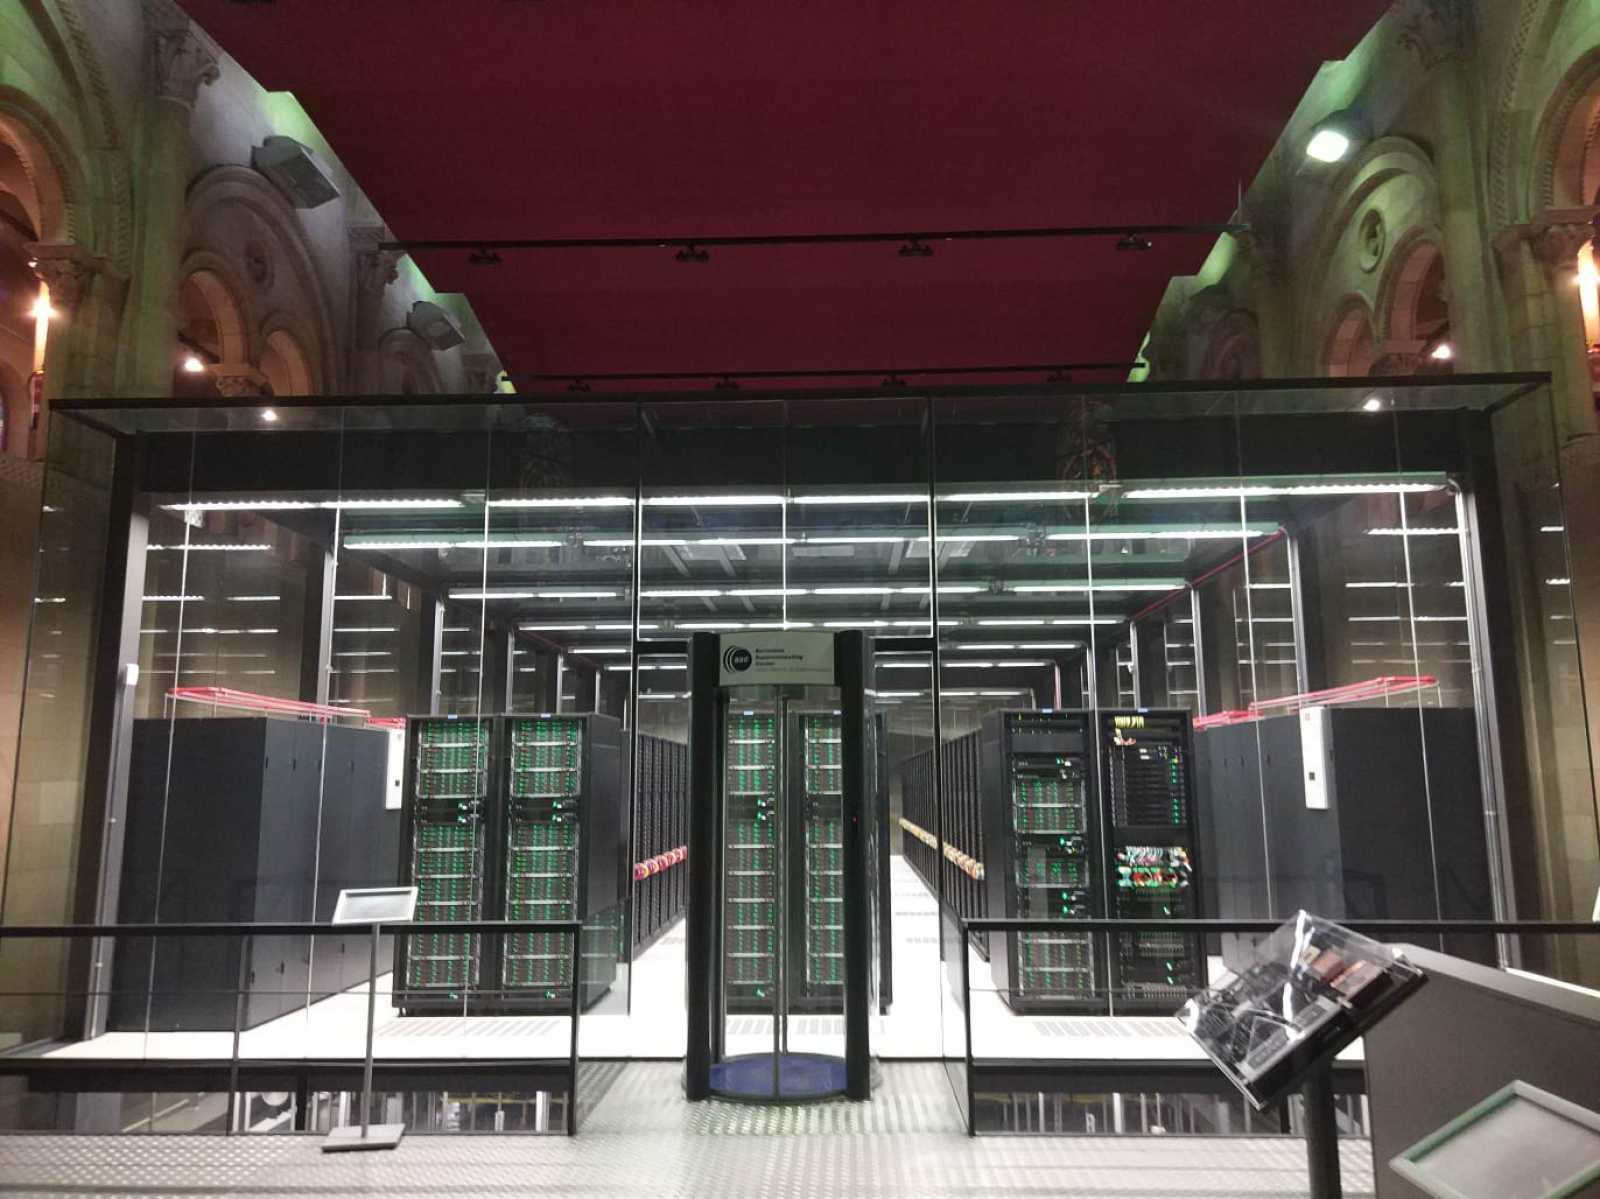 L'altra ràdio - Els supercomputadors de baix consum